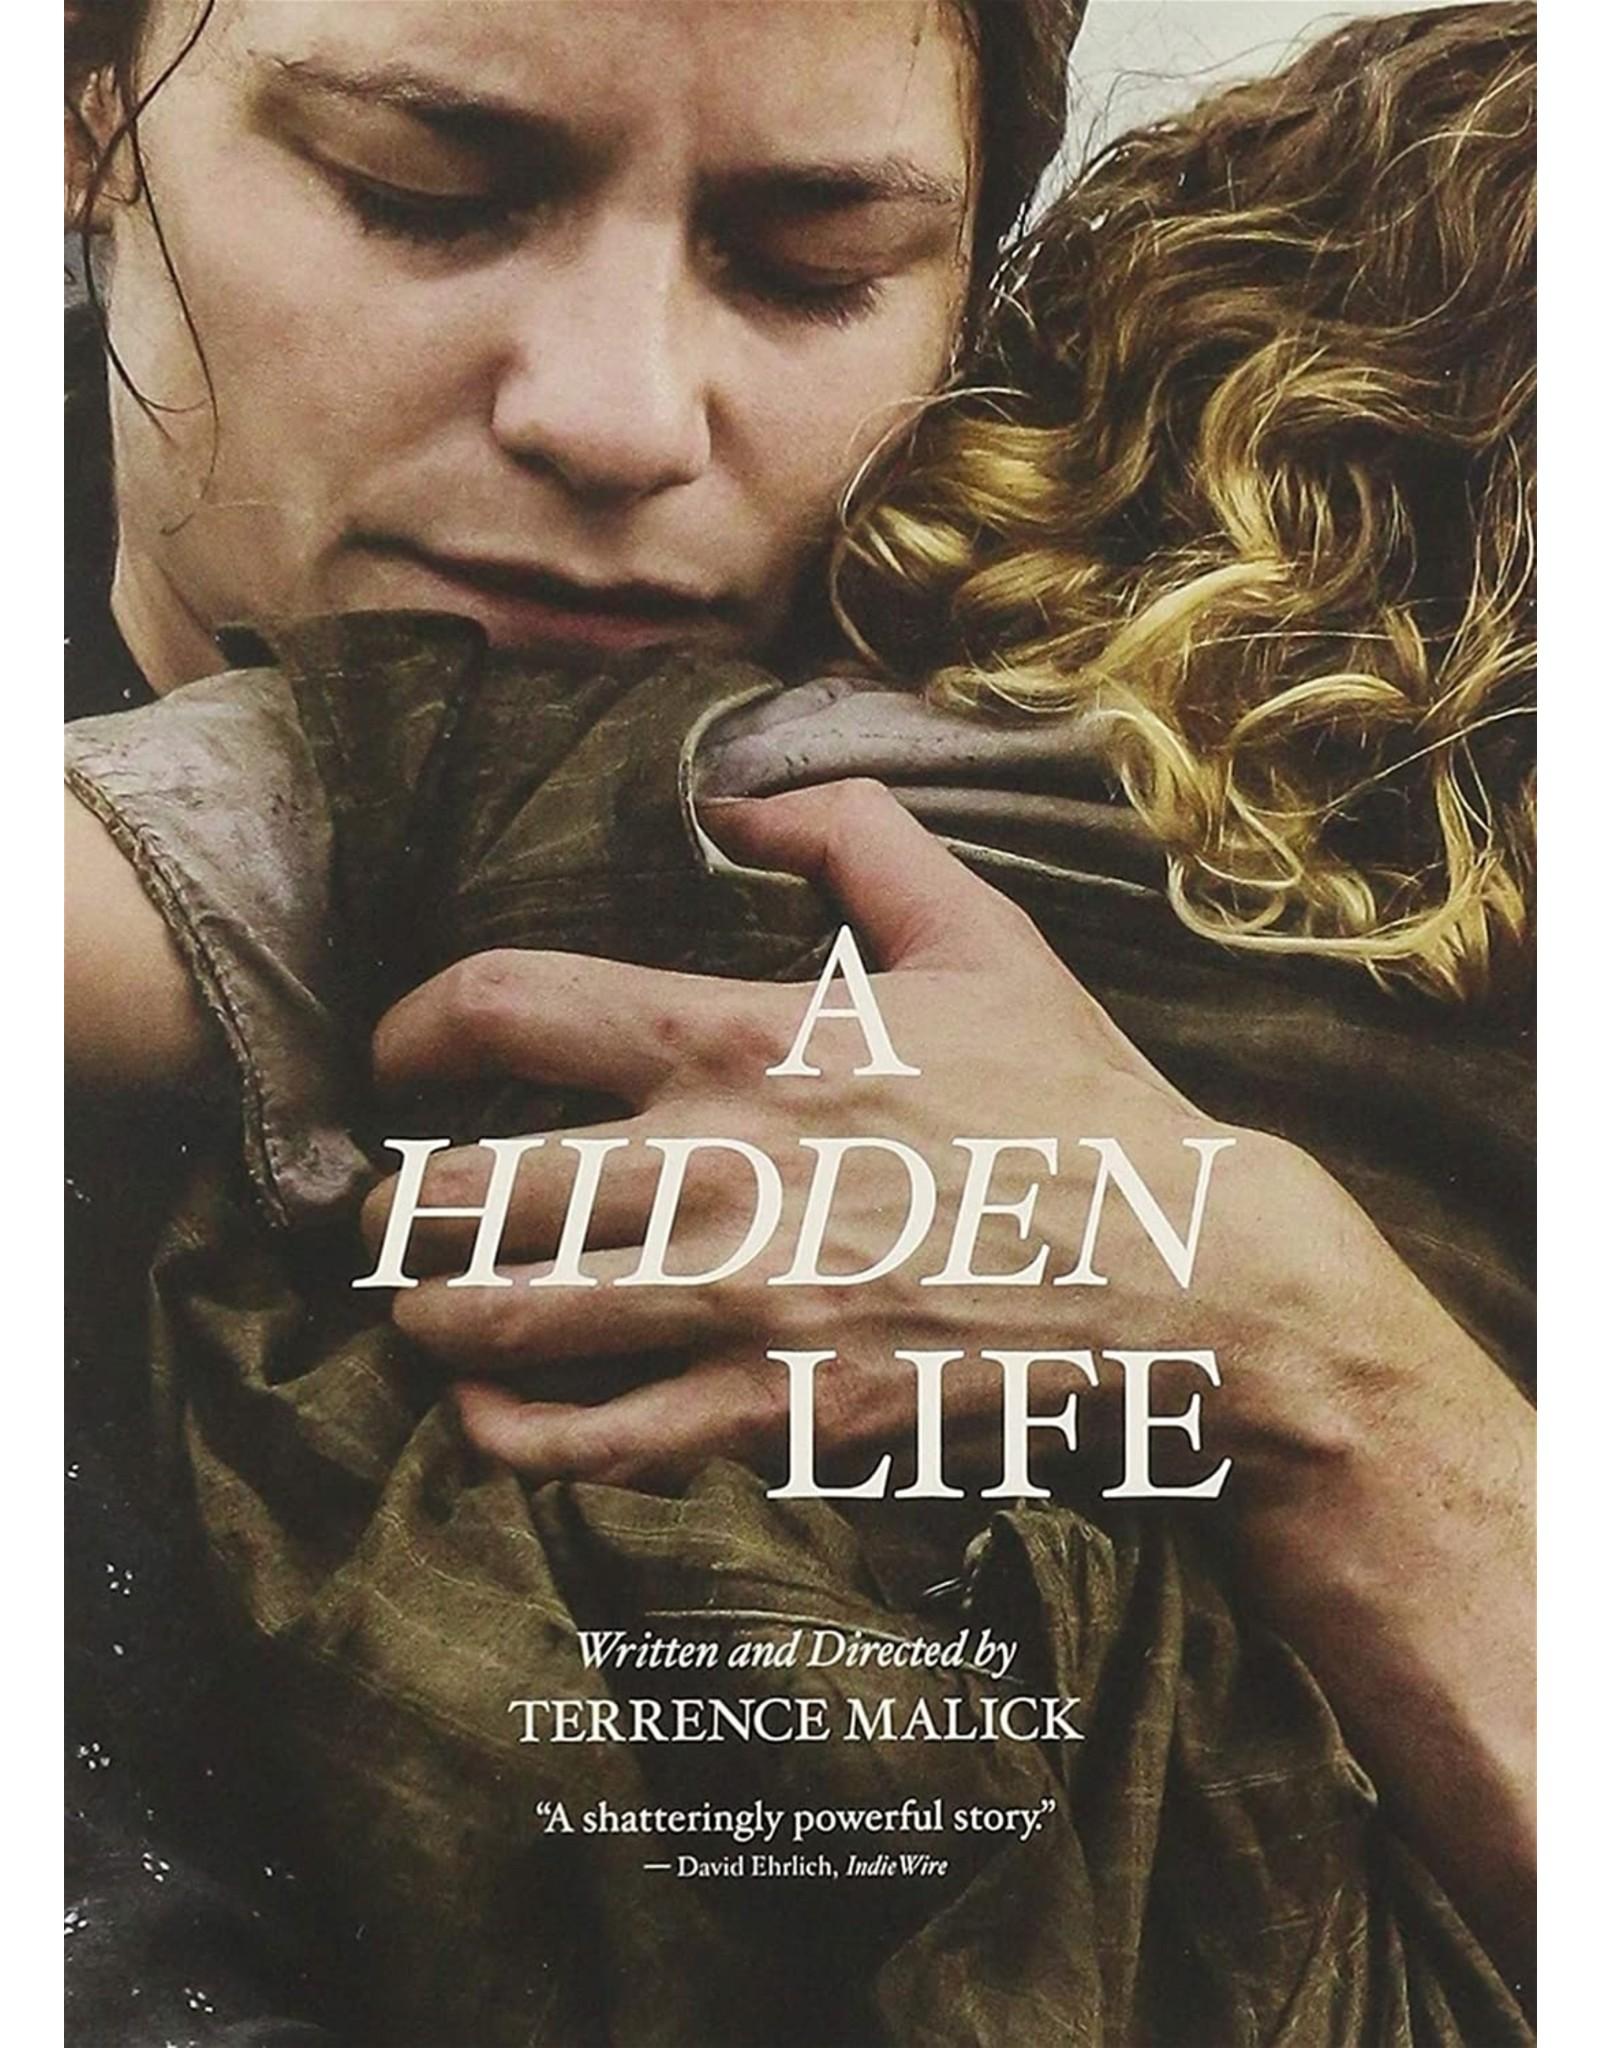 A Hidden Life DVD